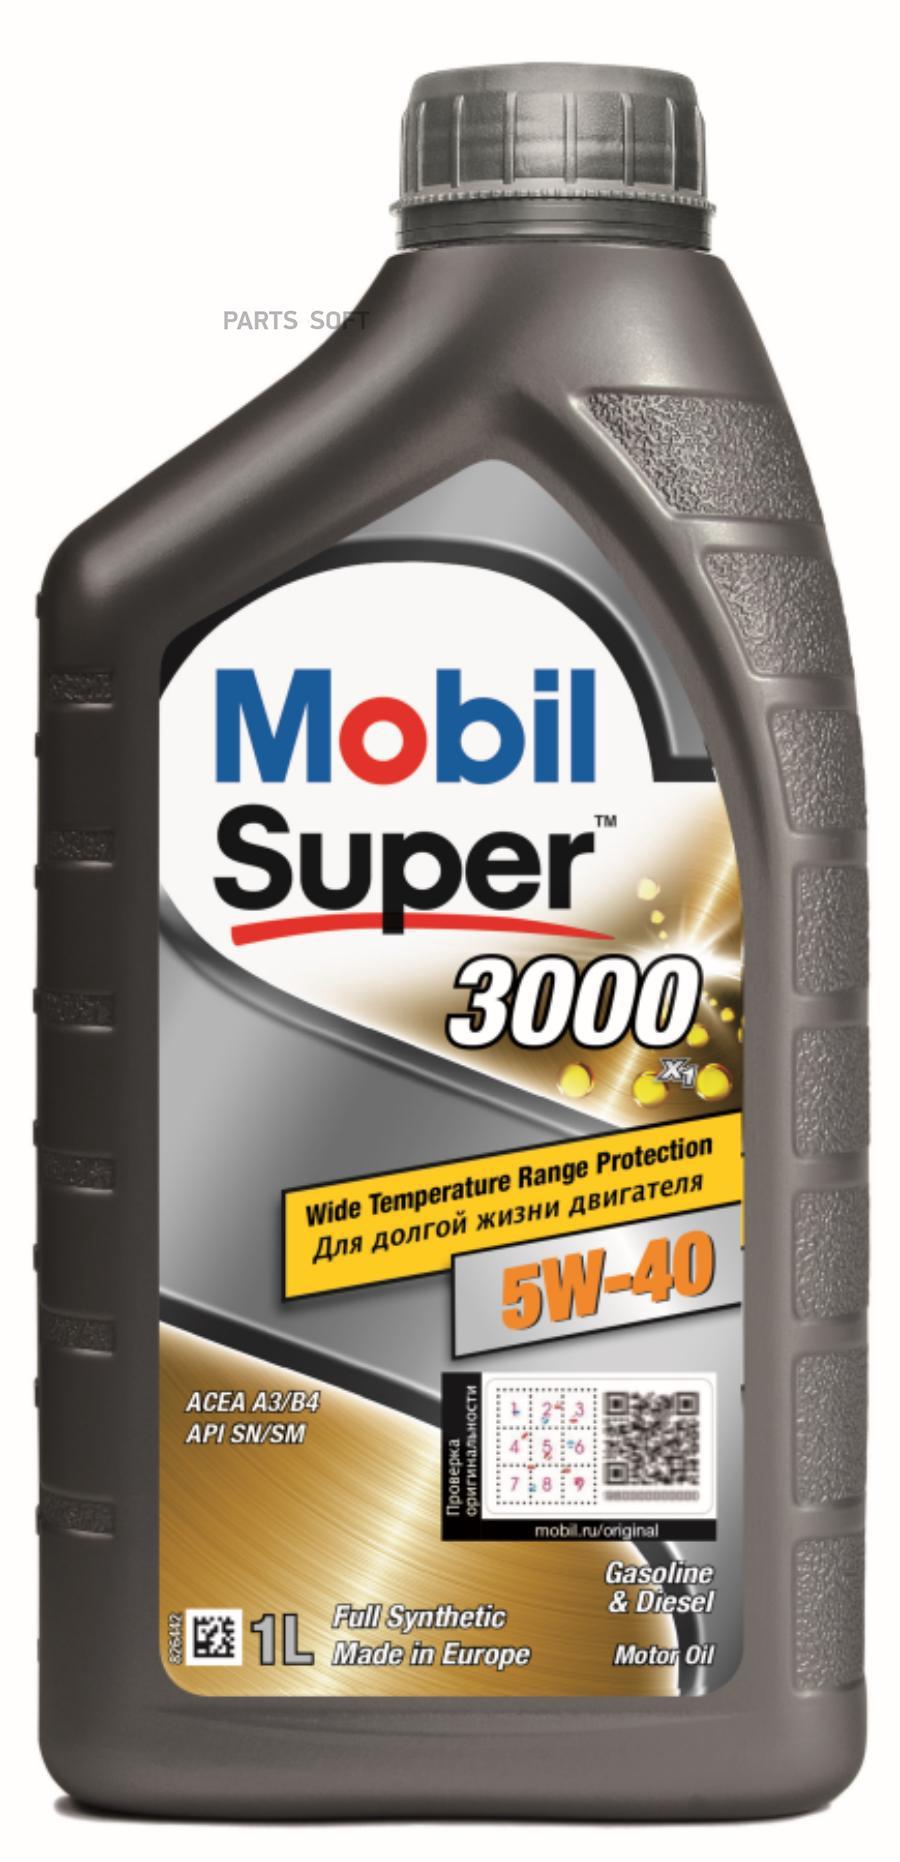 Масло моторное MOBIL SUPER 3000 5W-40 (1 л.) синтетика